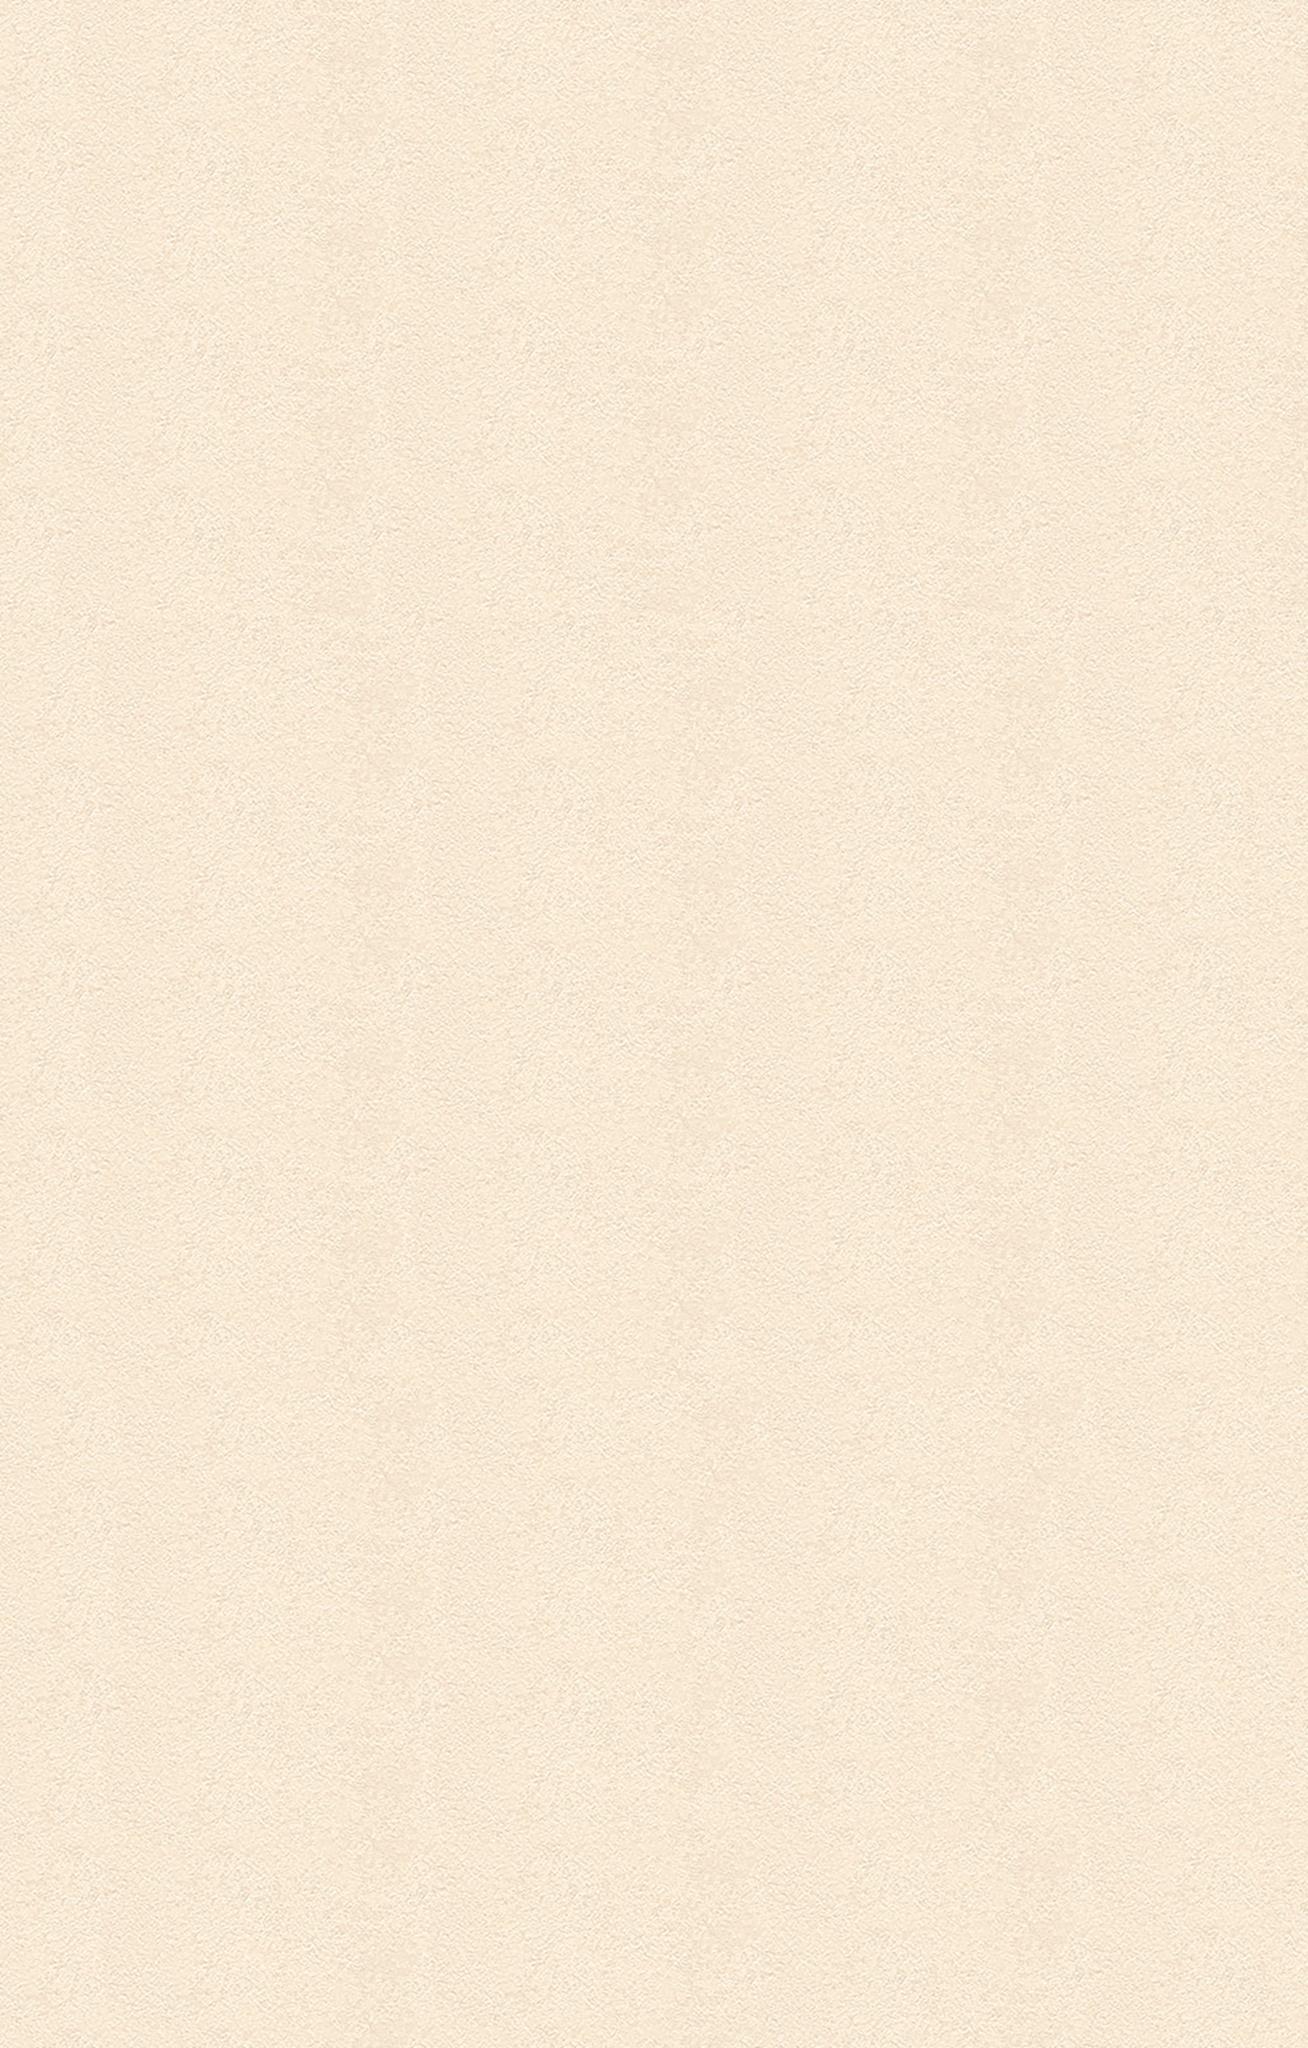 Full Size of Sockelleiste Küche Magnolie Alno Star Dur Steinstruktur Kche Mit Elektrogerten Und Pantryküche Kühlschrank Betonoptik Einzelschränke Singleküche E Wohnzimmer Sockelleiste Küche Magnolie